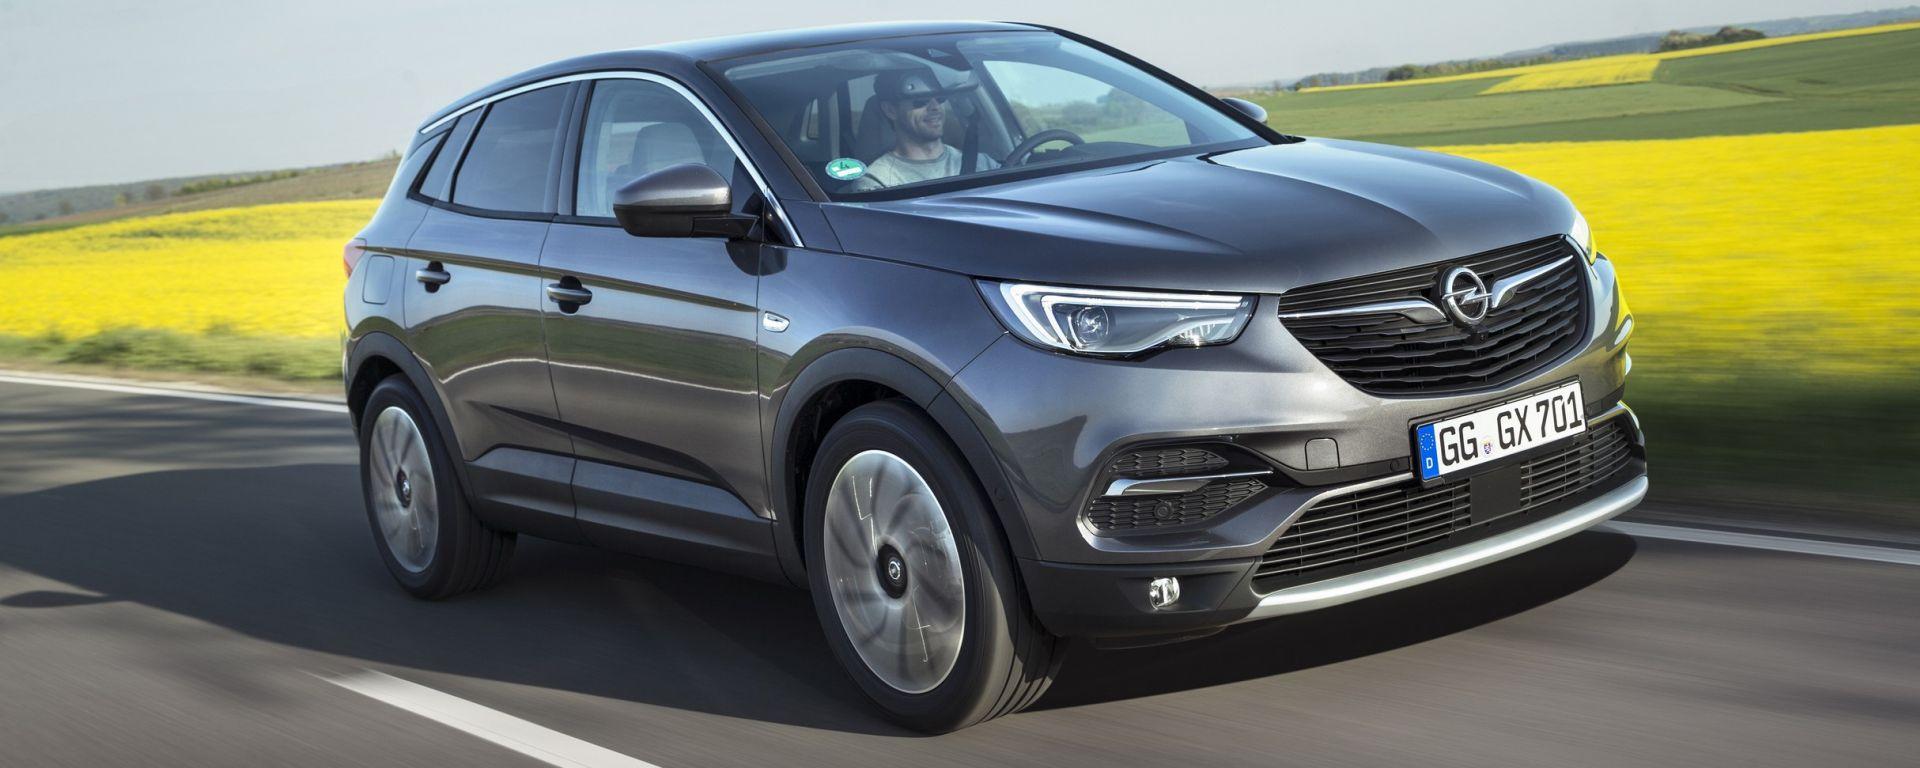 Nuova Opel Grandland X 2020, quale versione scegliere?